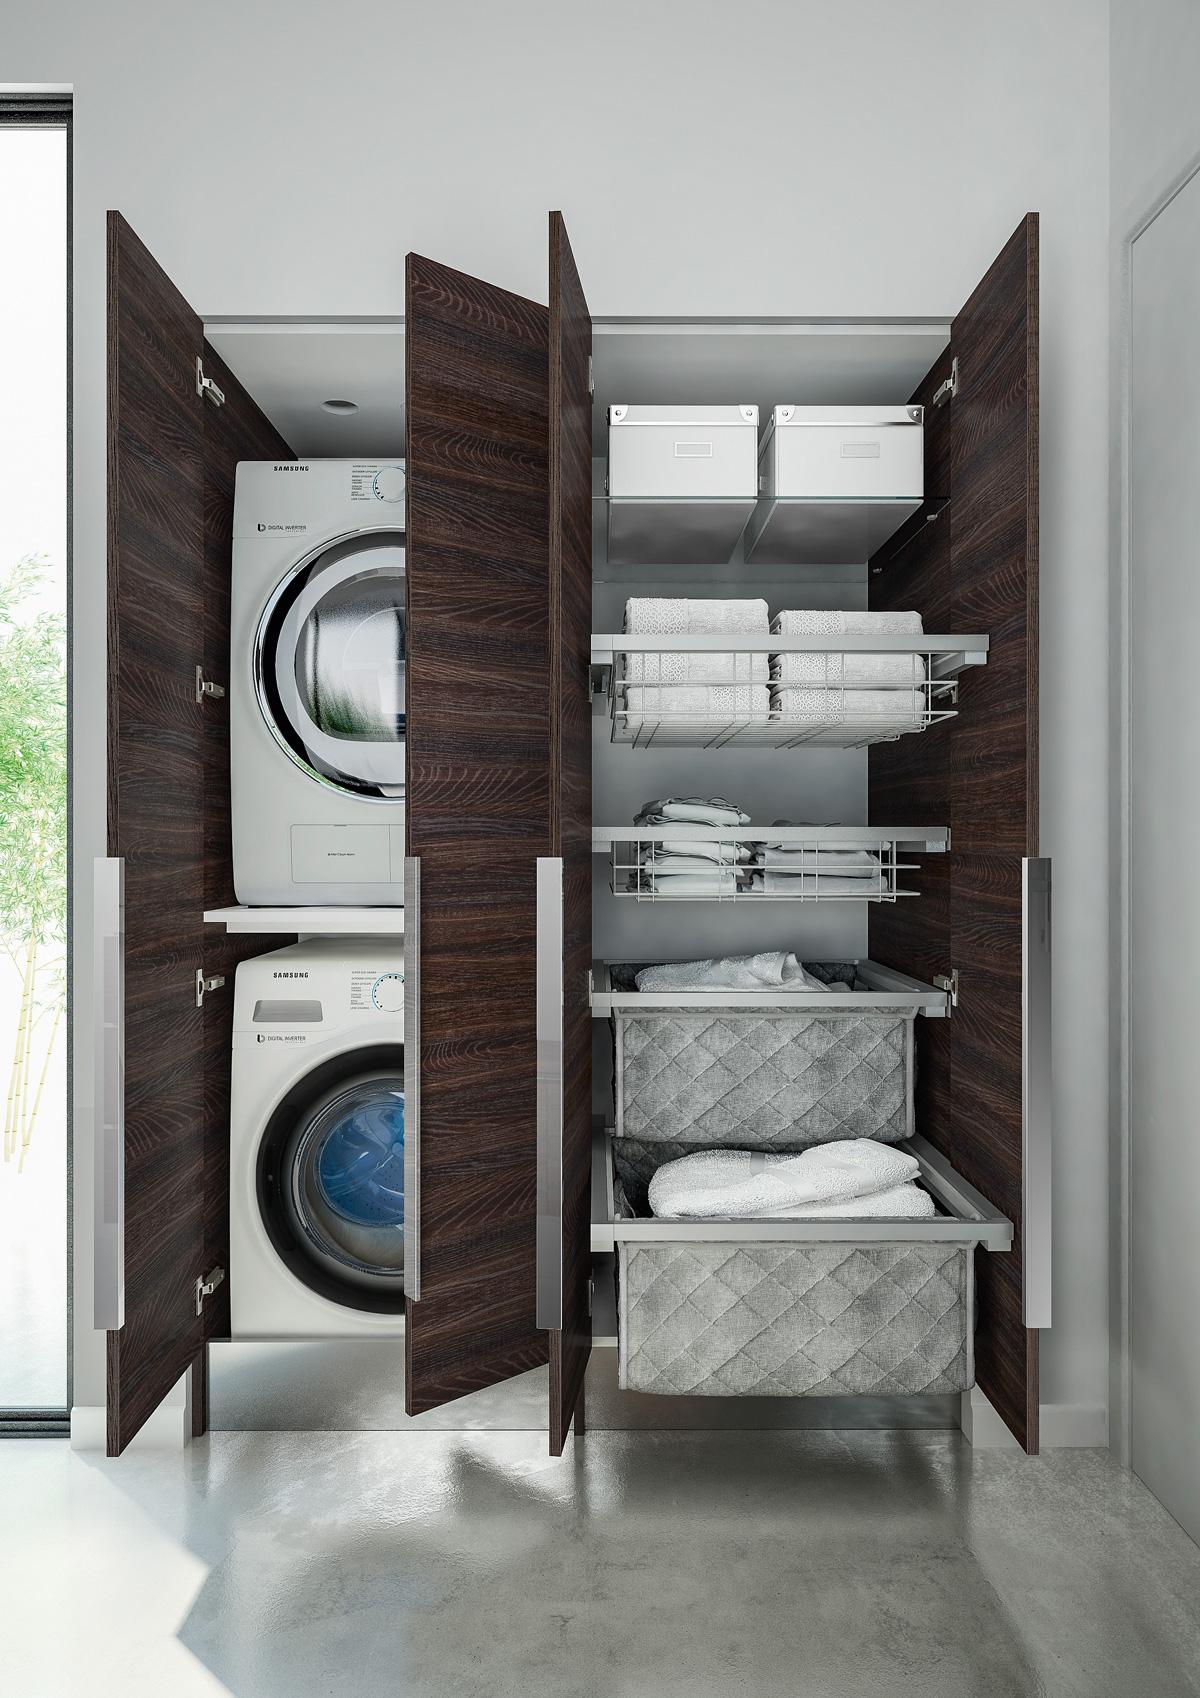 Vivi il bagno ideagroup blog for Arredare bagno piccolo con lavatrice